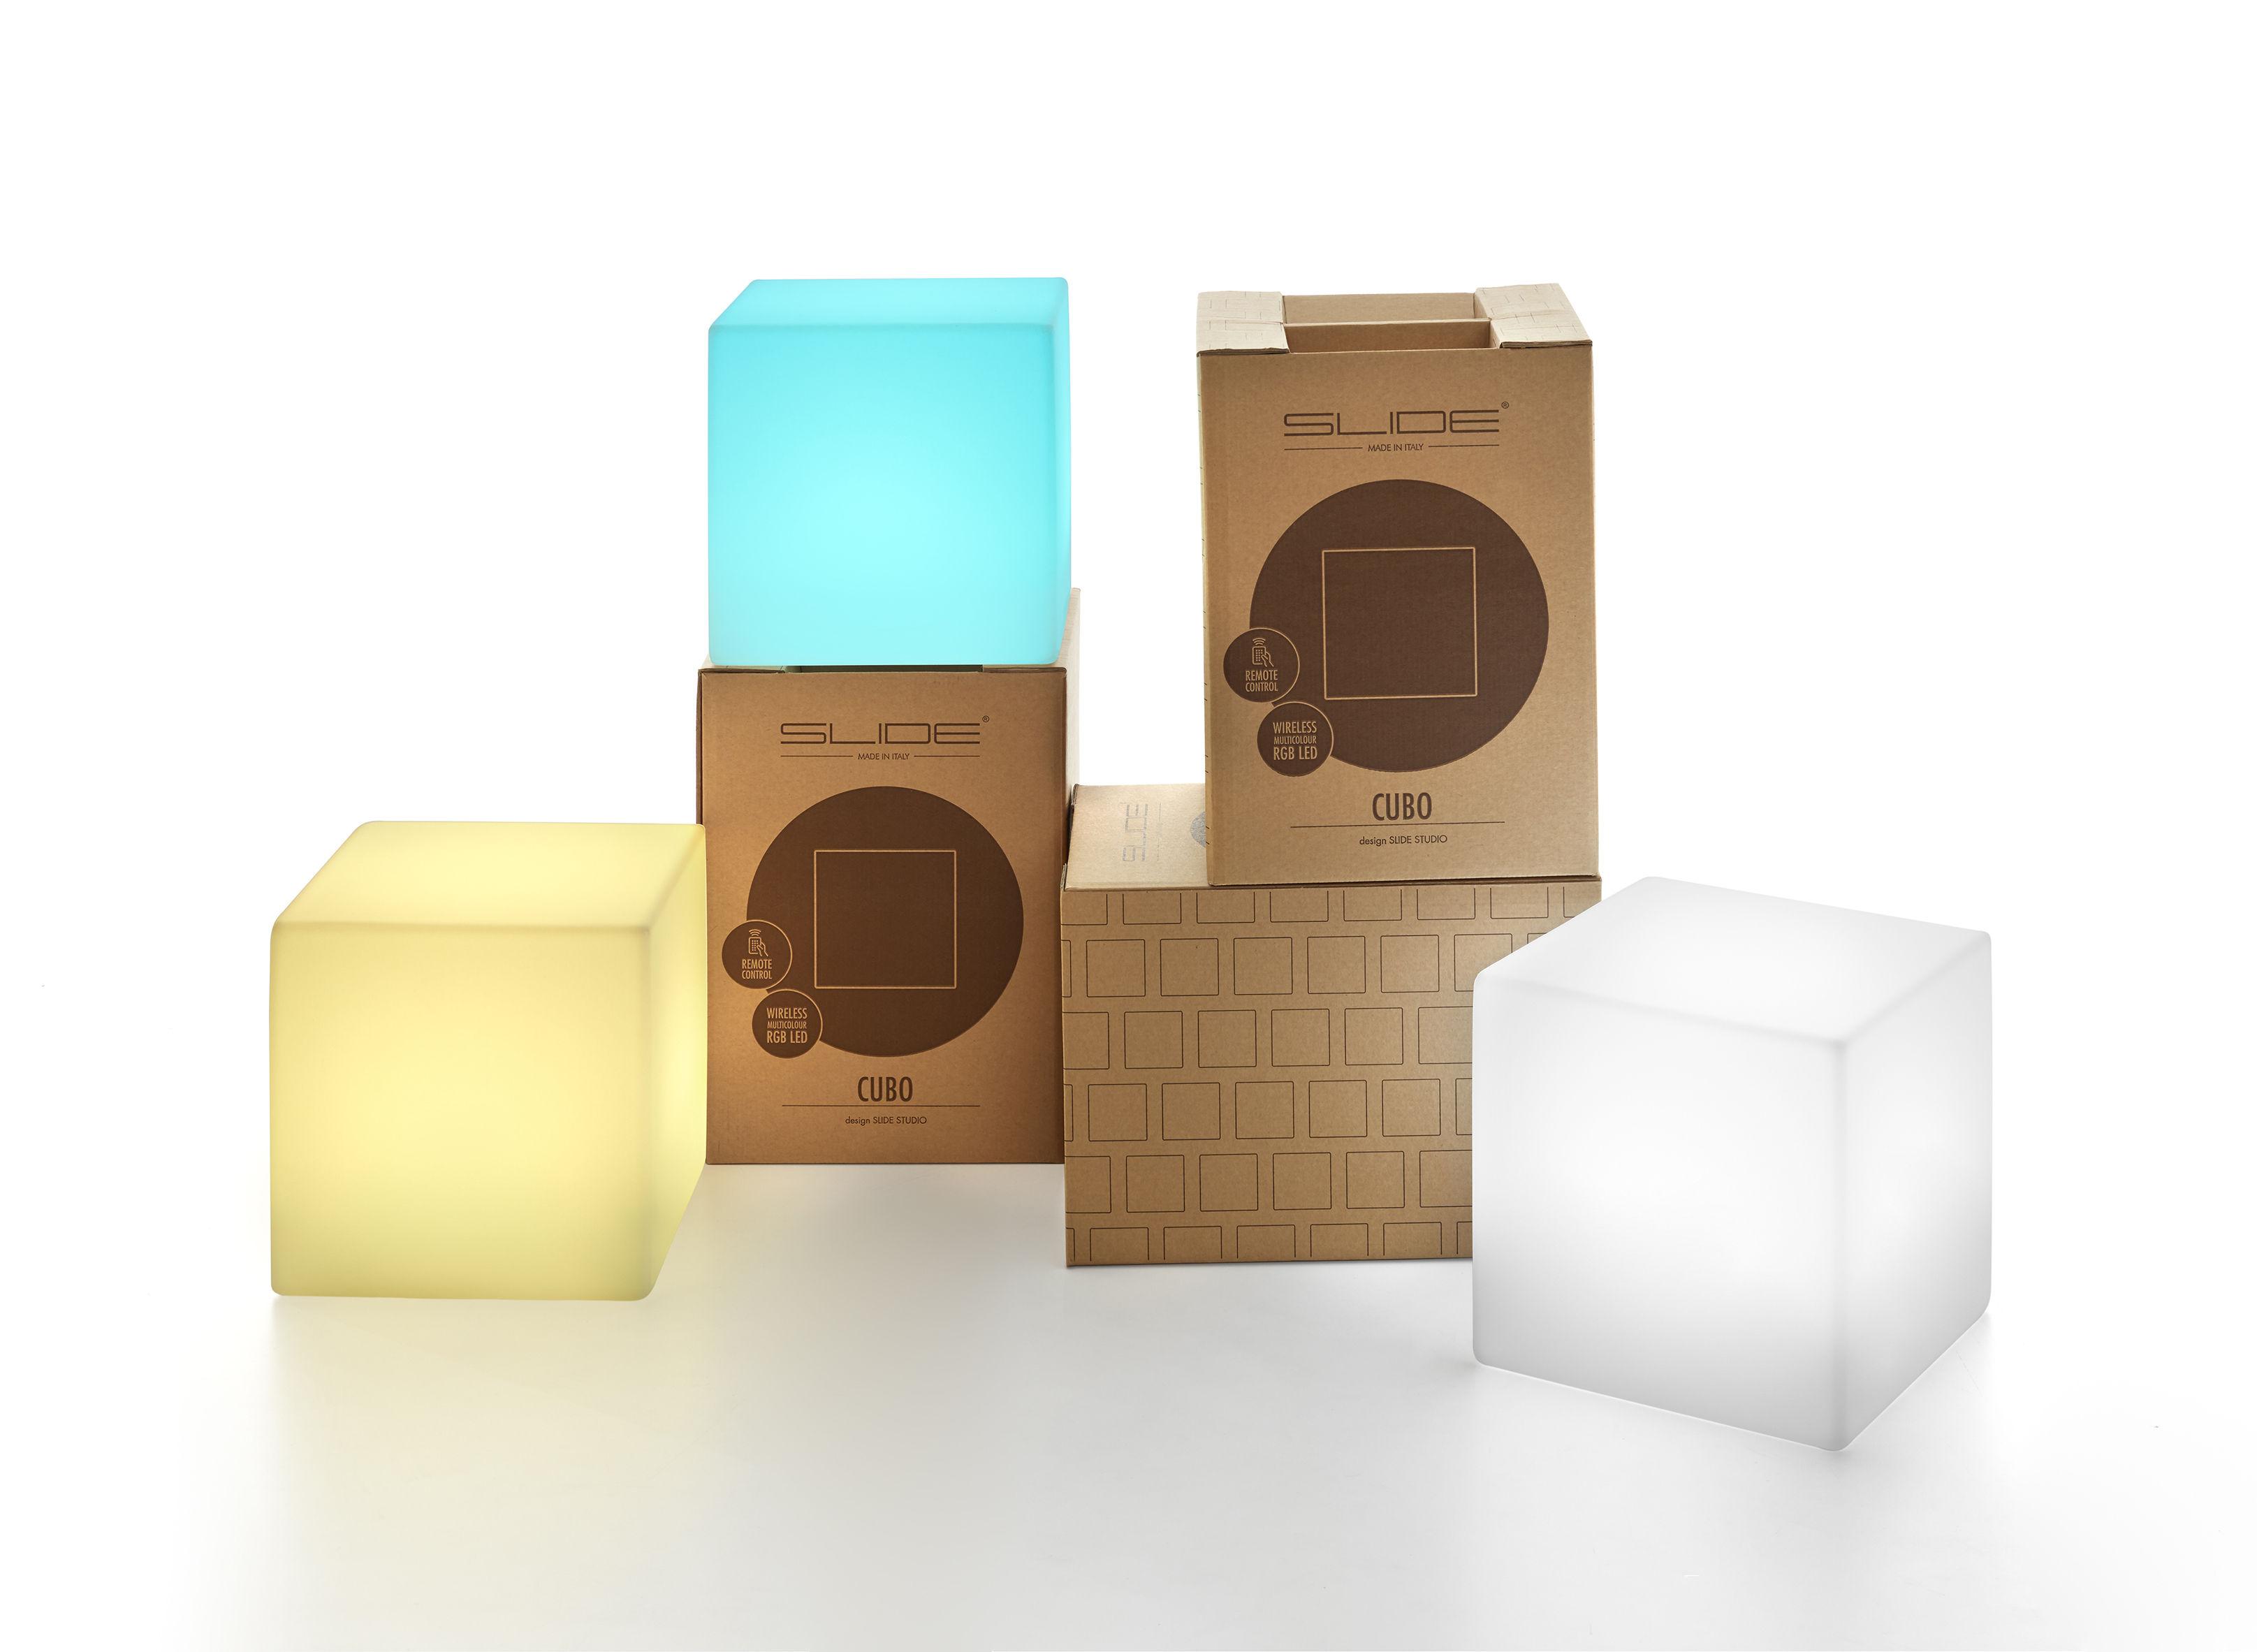 cubo outdoor led kabellos 25 x 25 x 25 cm f r den. Black Bedroom Furniture Sets. Home Design Ideas